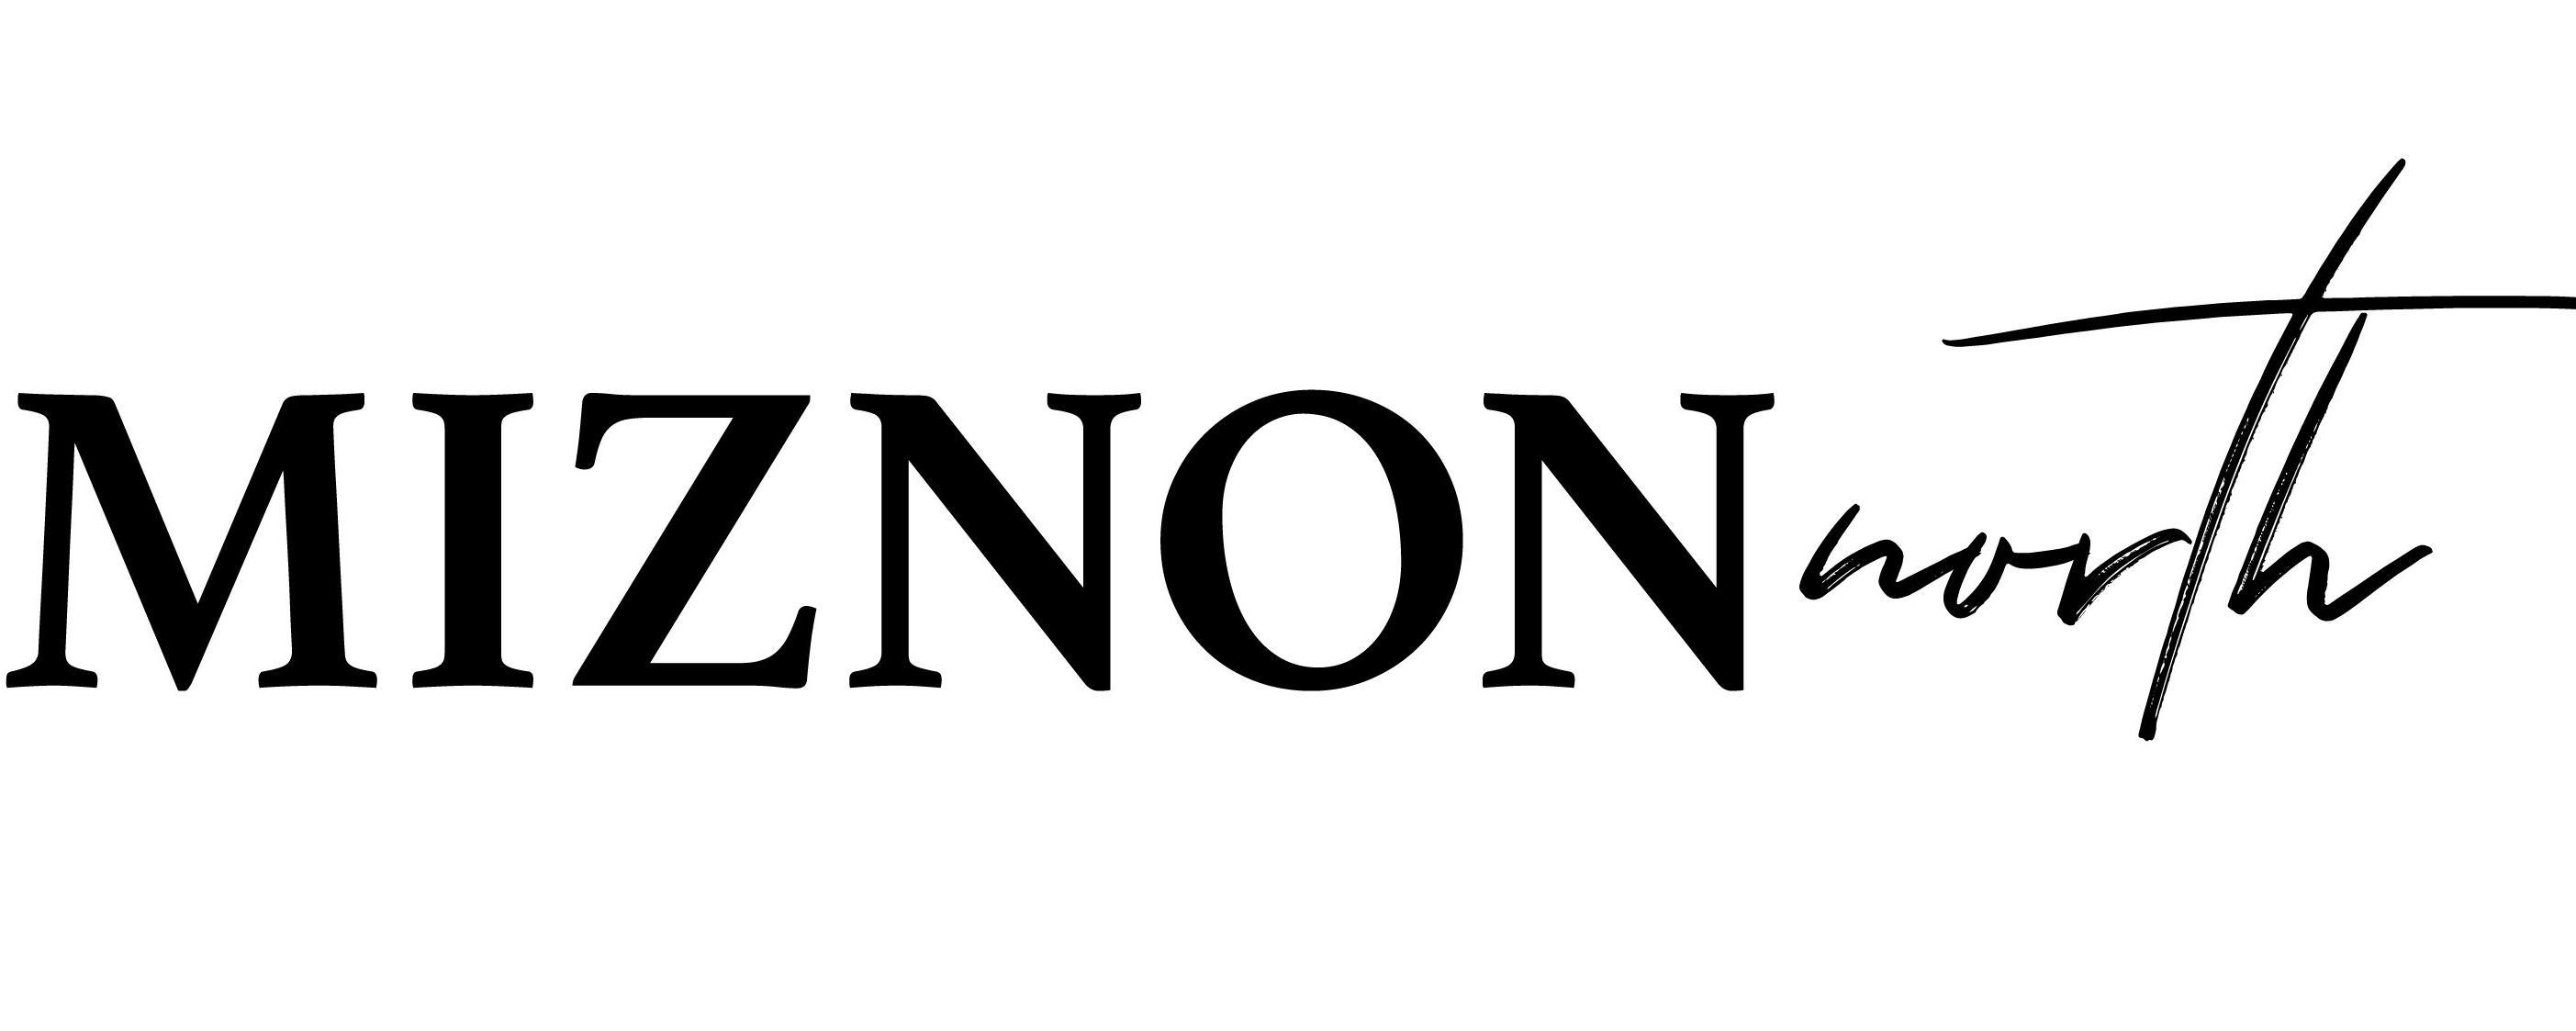 North Miznon Brand Cover